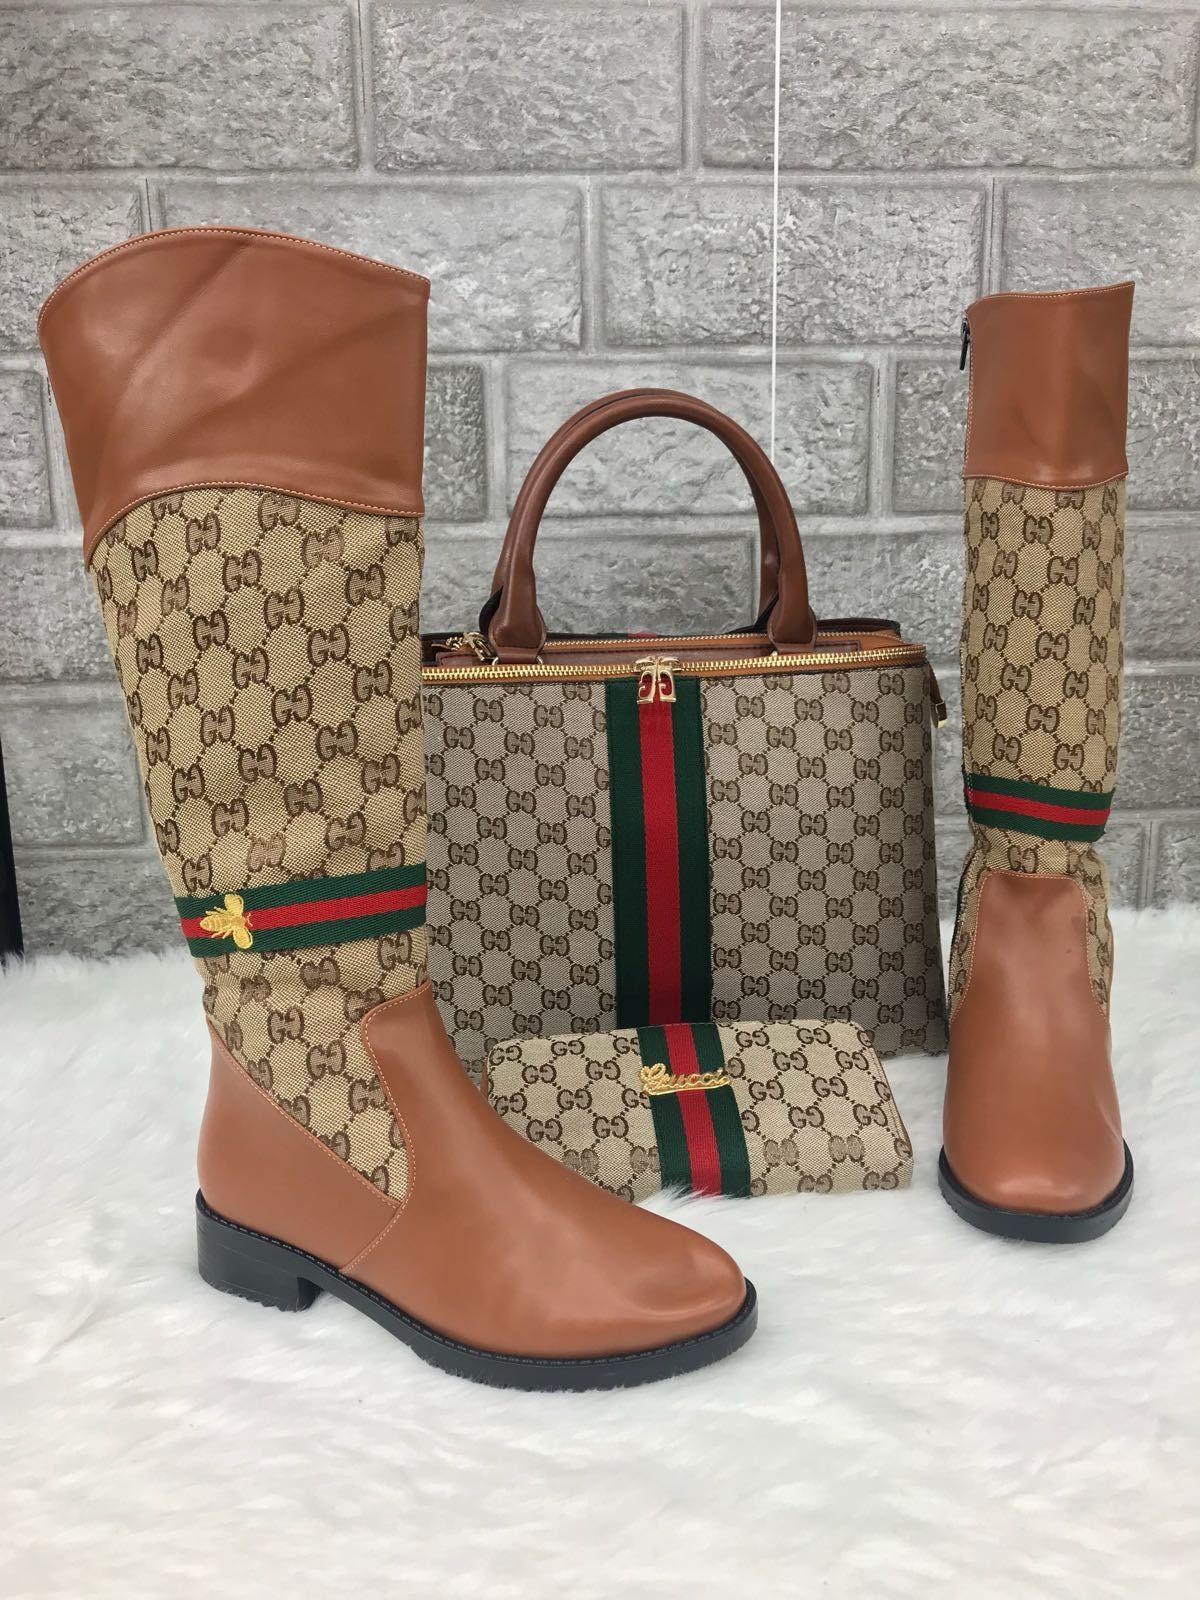 Canta 120 Cizme 140 Tl Sal 45 Tl Cuzdan 35 Kombin 295 Tl Ayakkabi Boots Gucci Boots Handbag Shoes